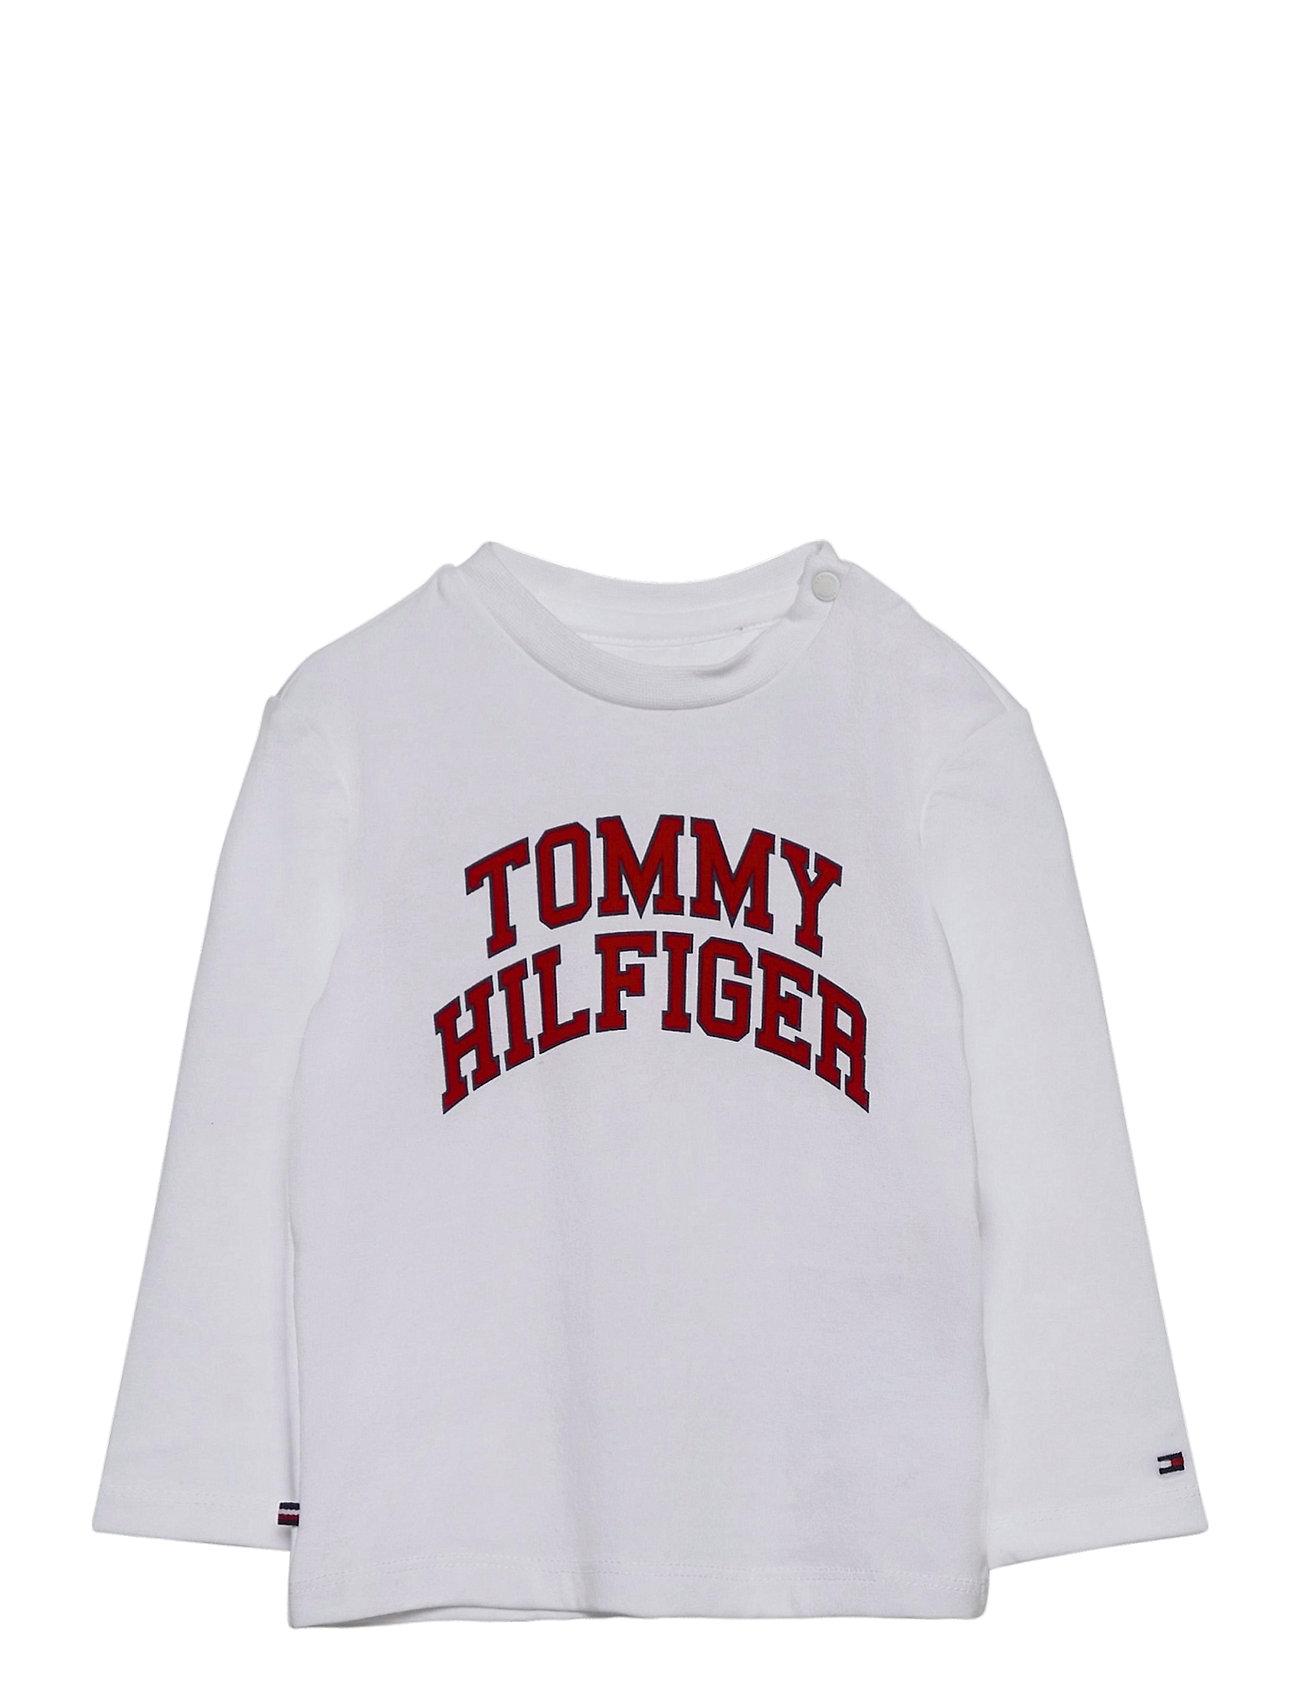 Image of Baby Hilfiger Tee L/S Langærmet T-shirt Hvid Tommy Hilfiger (3441397603)